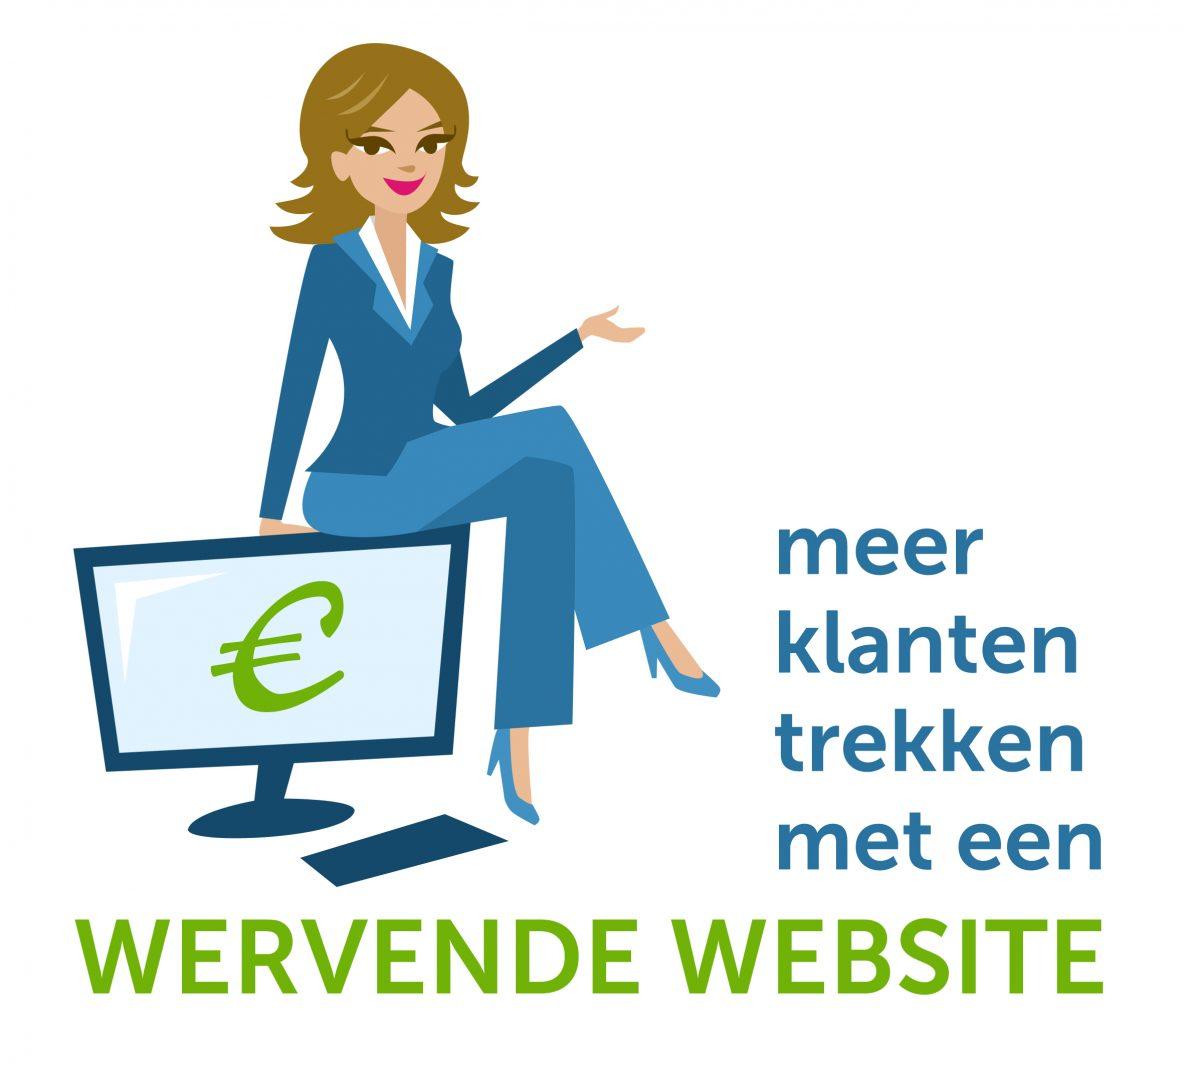 workshop wervende website webteksten webredactie SEO Annet Achterkamp Annet Talsma